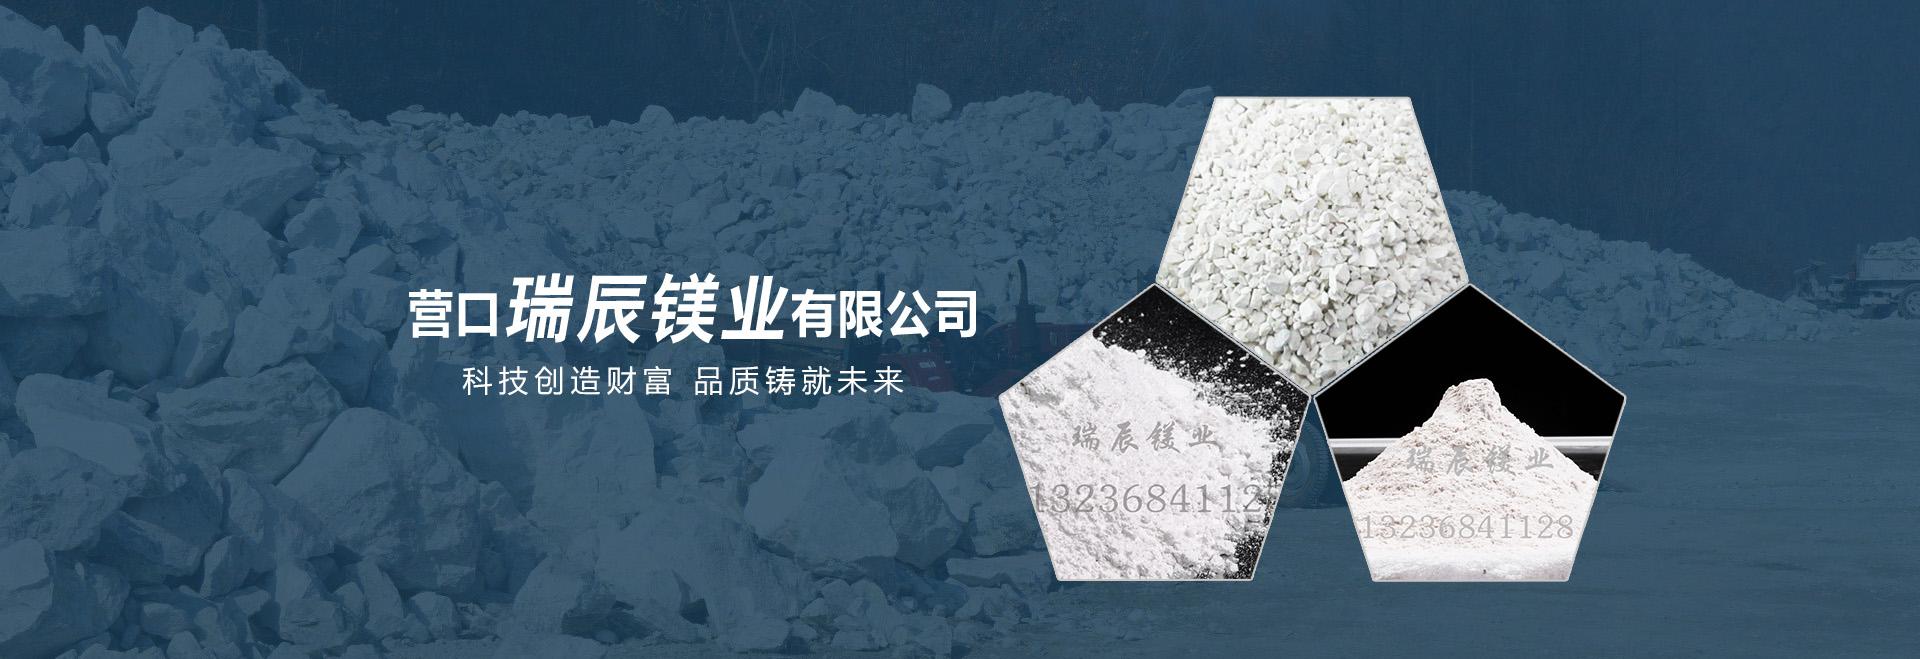 脱硫用氧化镁